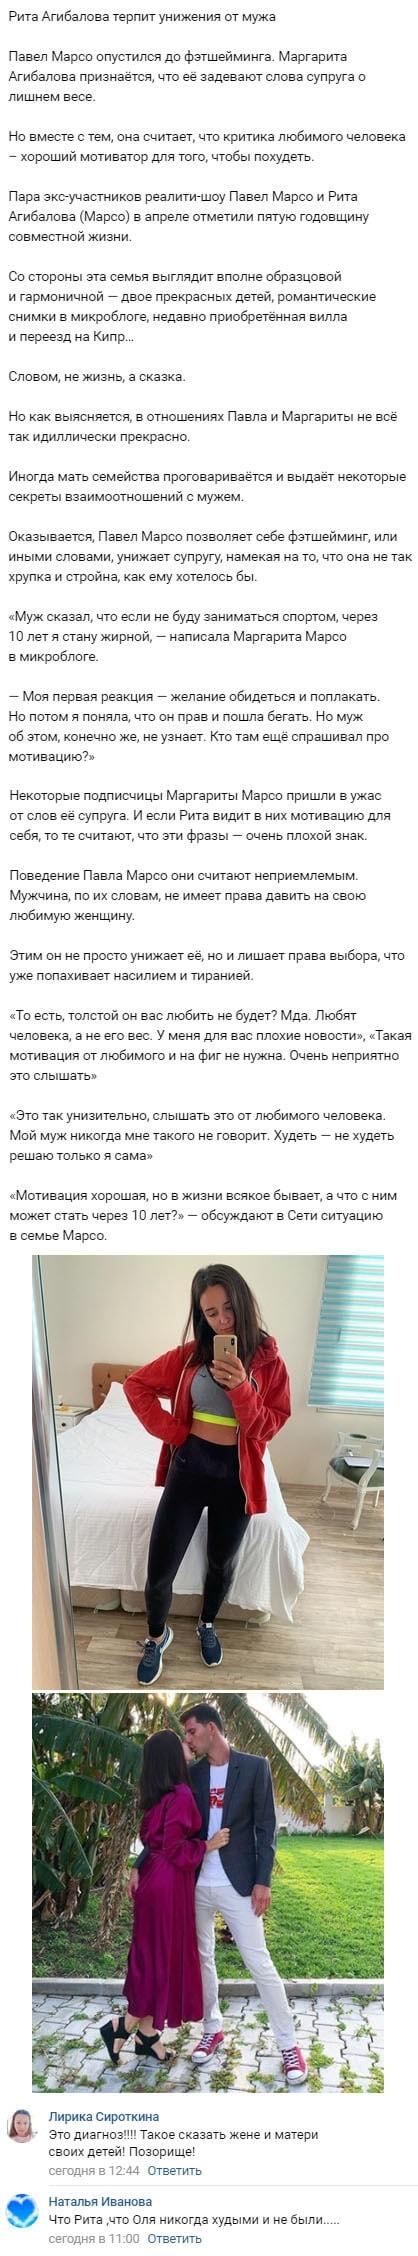 Маргарита Марсо рассказала об унижениях со стороны мужа